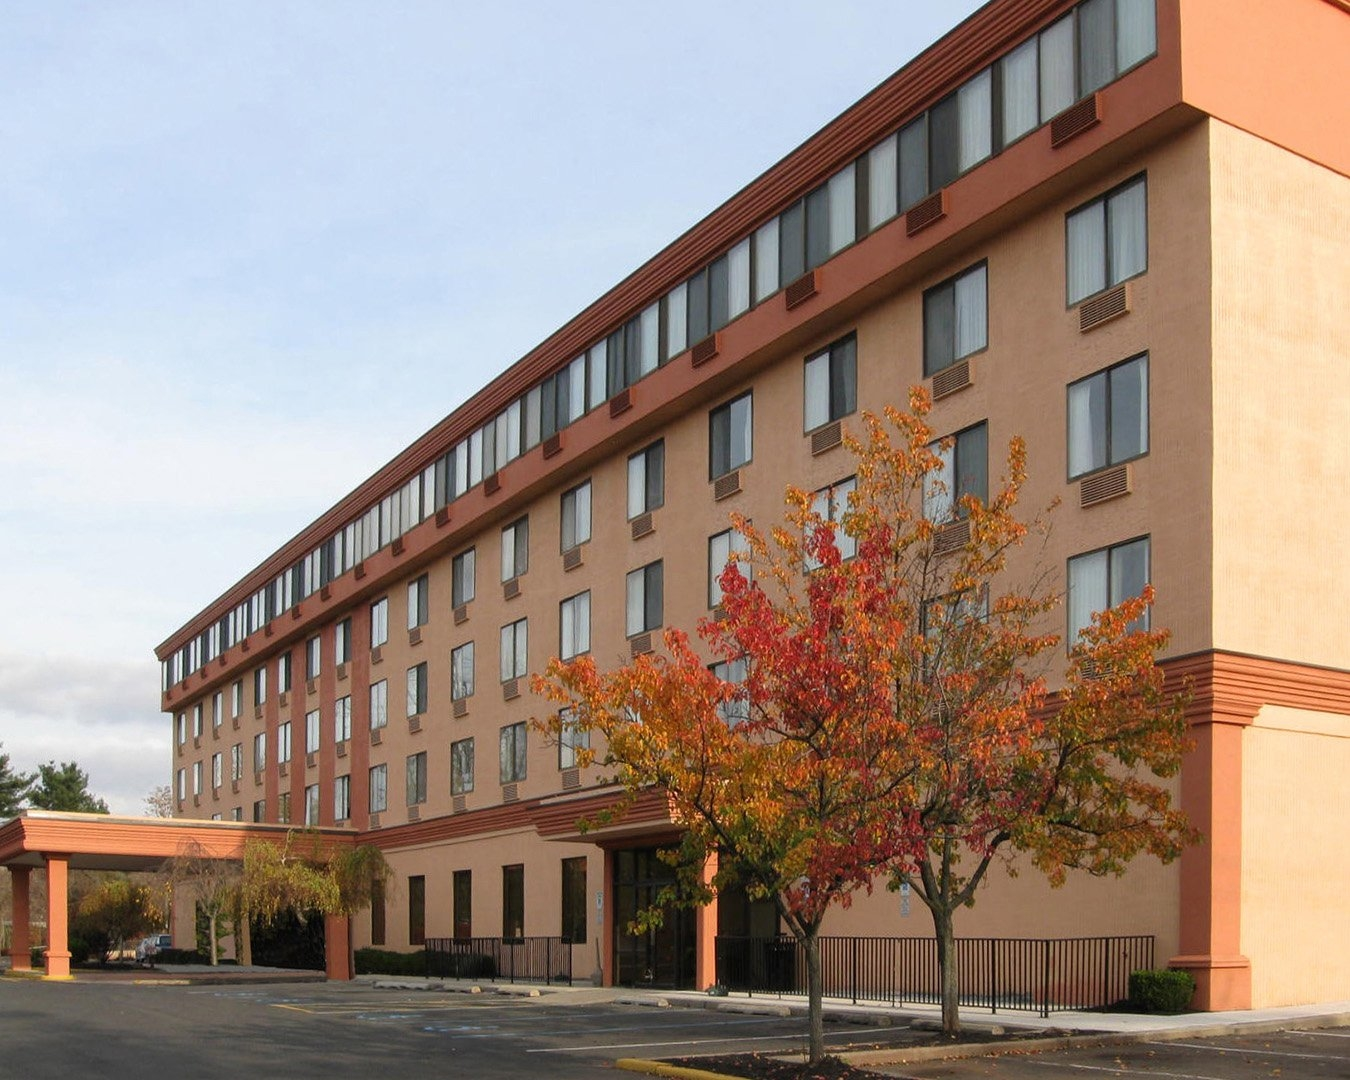 Clarion hotel in somerset nj whitepages - Garden state exhibit center somerset nj ...